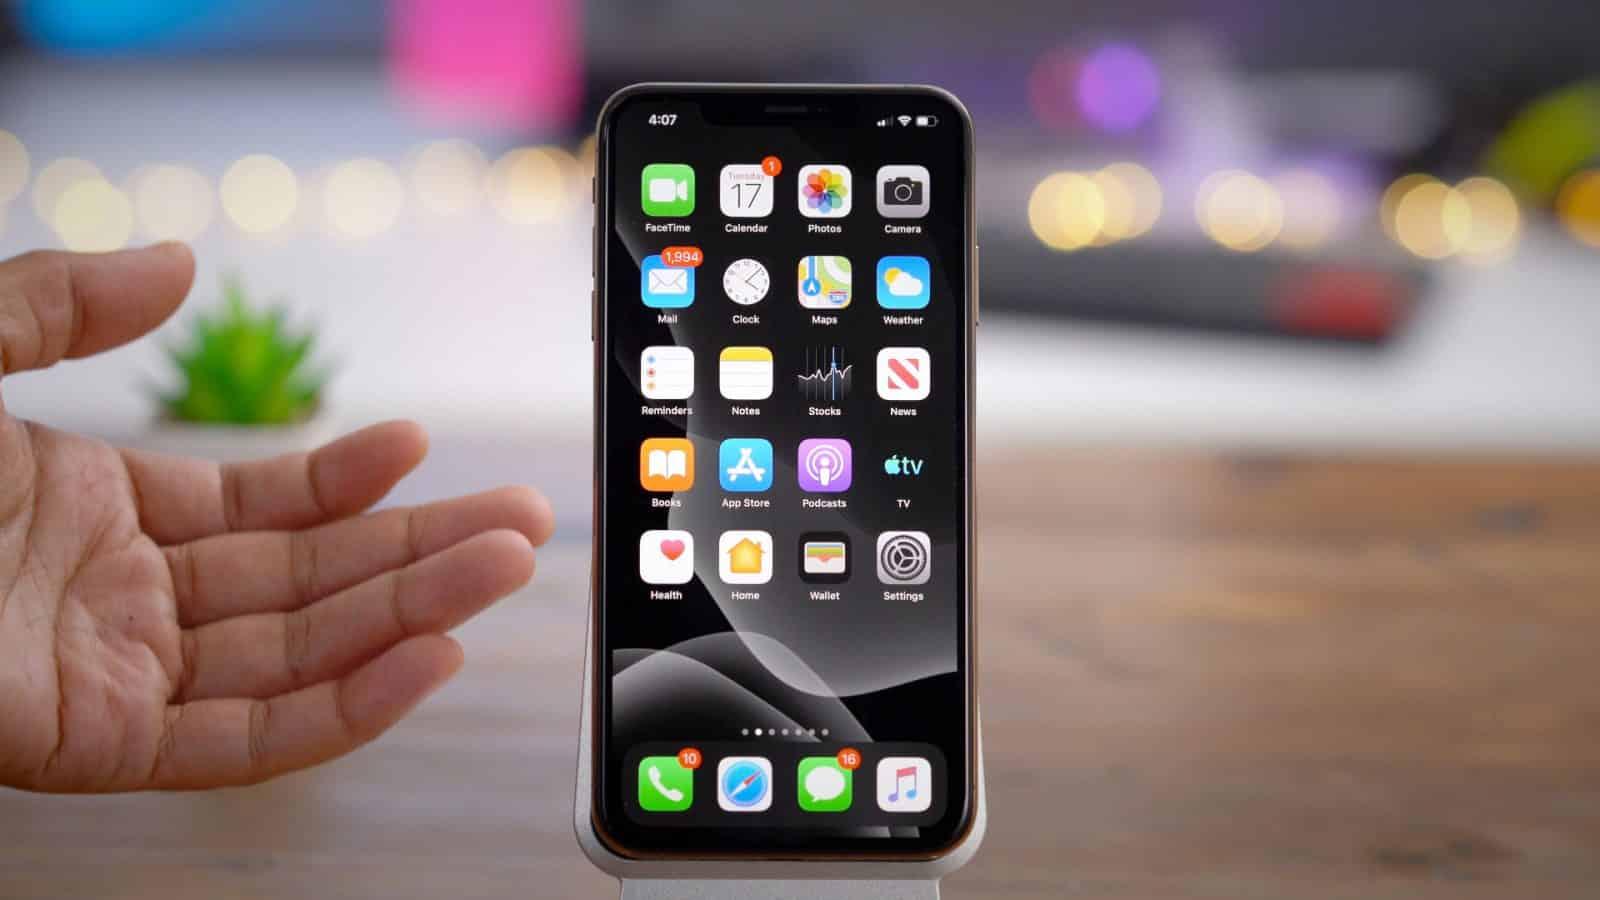 Khắc phục lỗi thoát ứng dụng đột ngột thường gặp trên iPhone